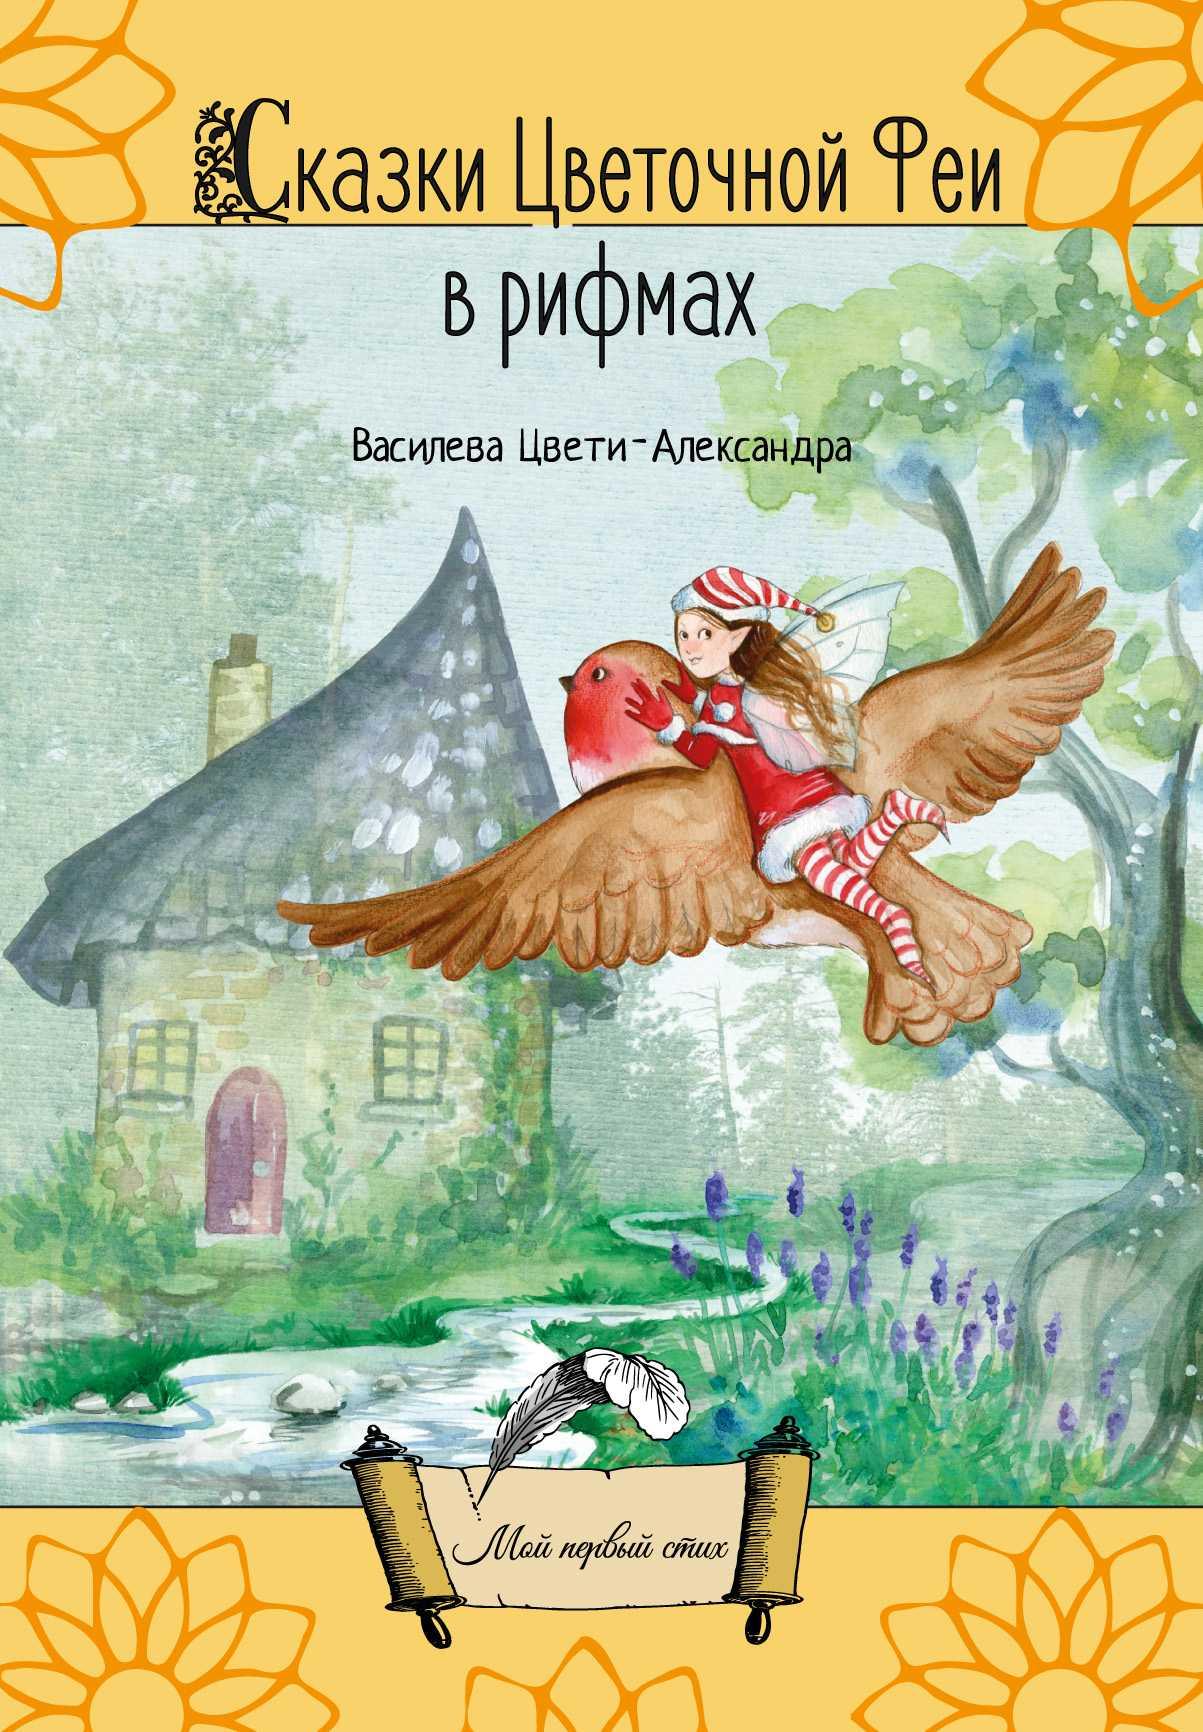 Купить книгу Сказки Цветочной Феи в рифмах, автора